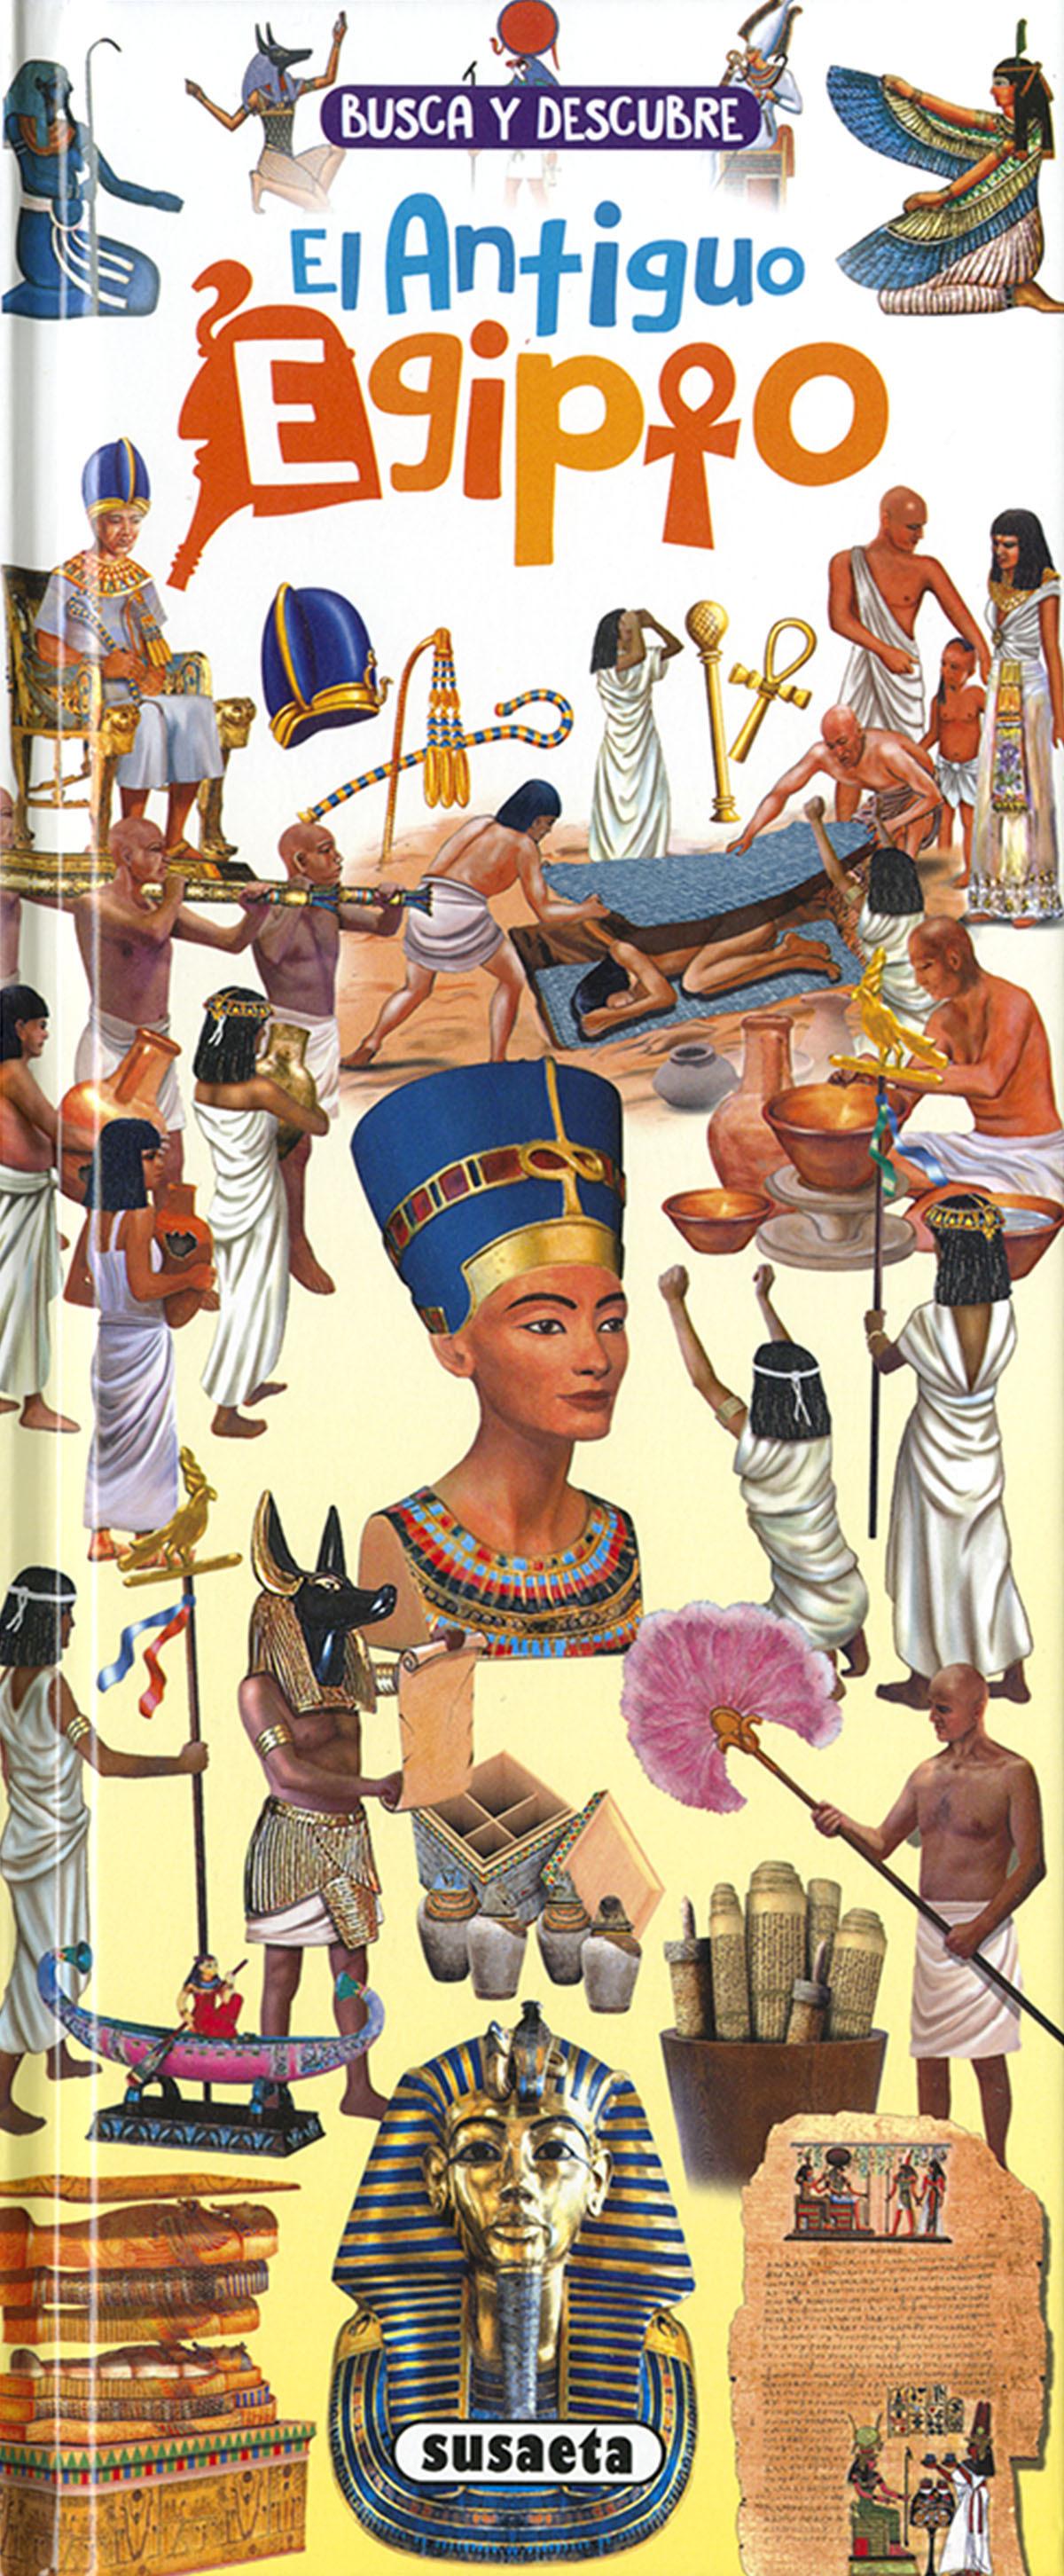 Busca y descubre El Antiguo Egipto 9788467775440